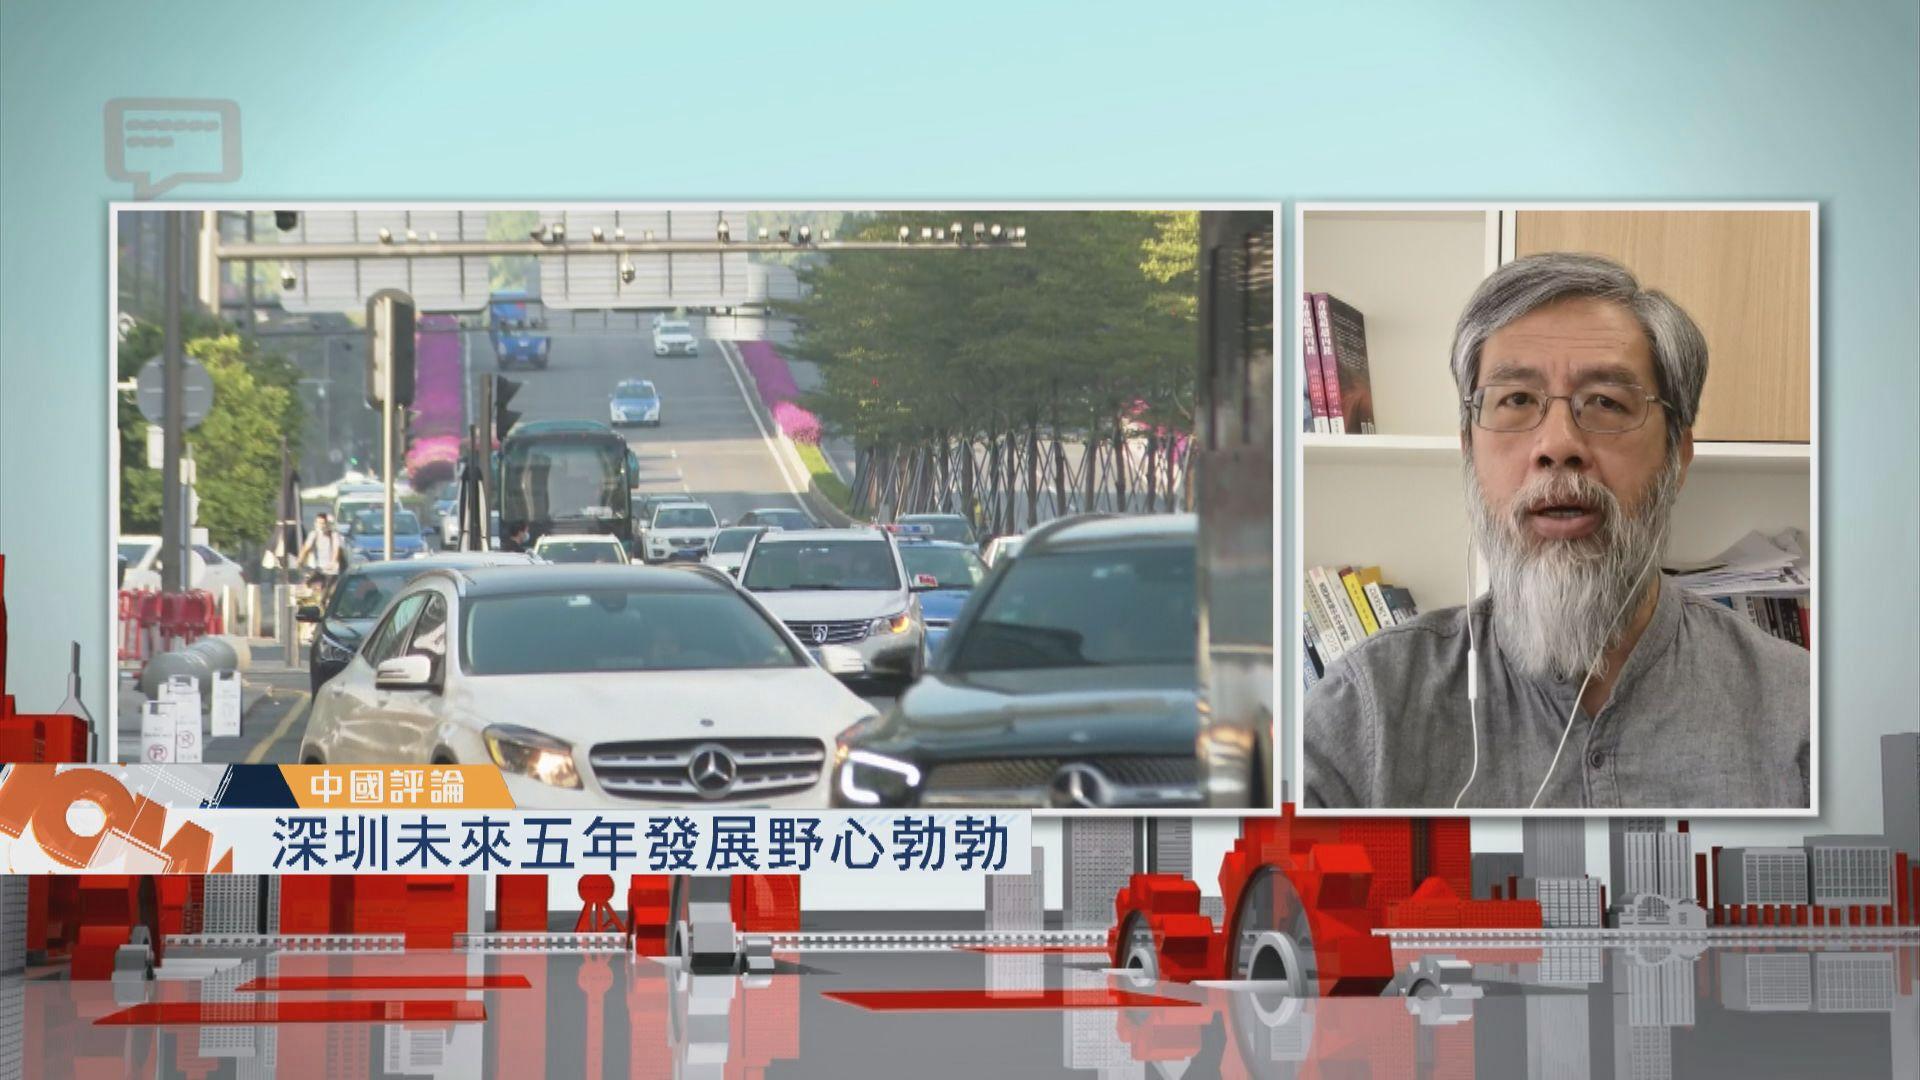 【中國評論】深圳經濟發展/大連車禍引發網上衝突